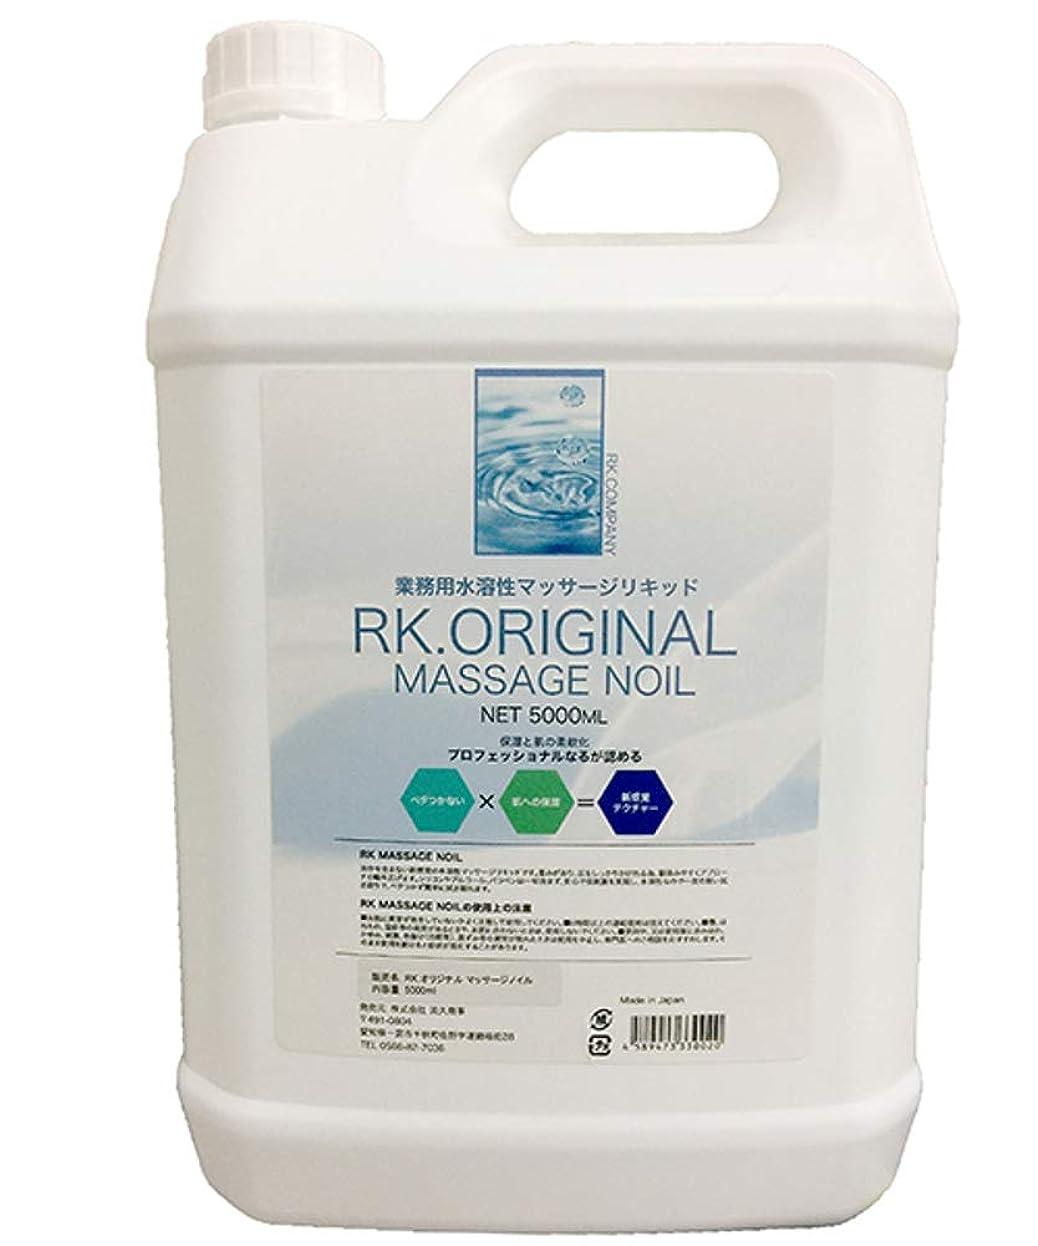 出身地動かす器官RK.ORIGINAL マッサージノイル 業務用 国産 水溶性 マッサージリキッド 5000ml エステ店御用達